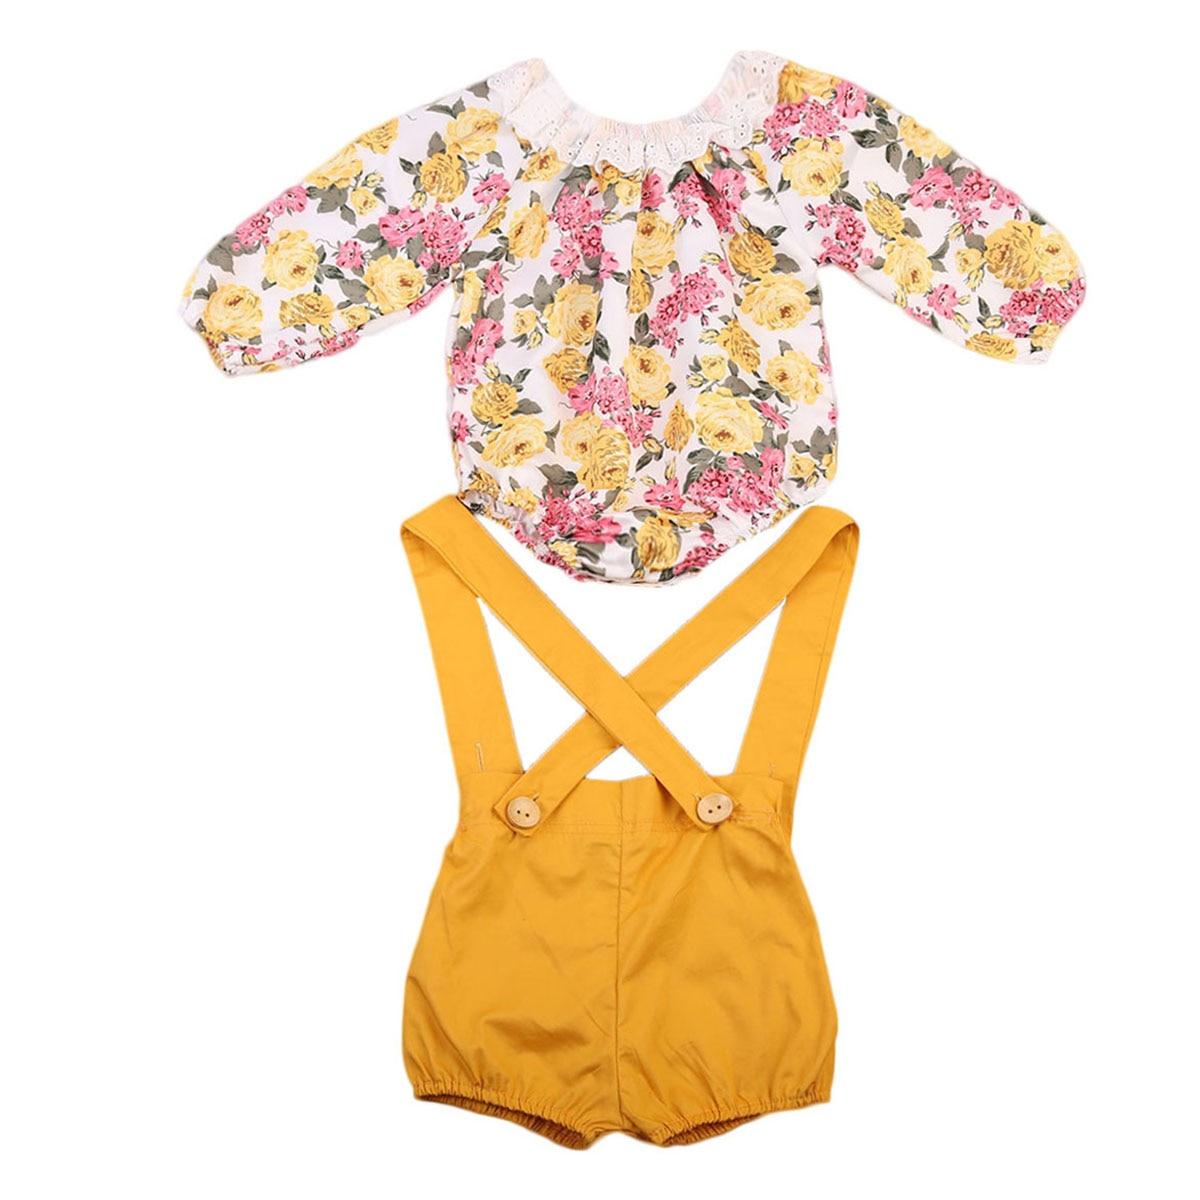 2pcs!!Infant Baby Girl Clothes Set Princess Long Sleeve Floral Romper+Short Pants Jumpsuit Sunsuit Outfits Clothes